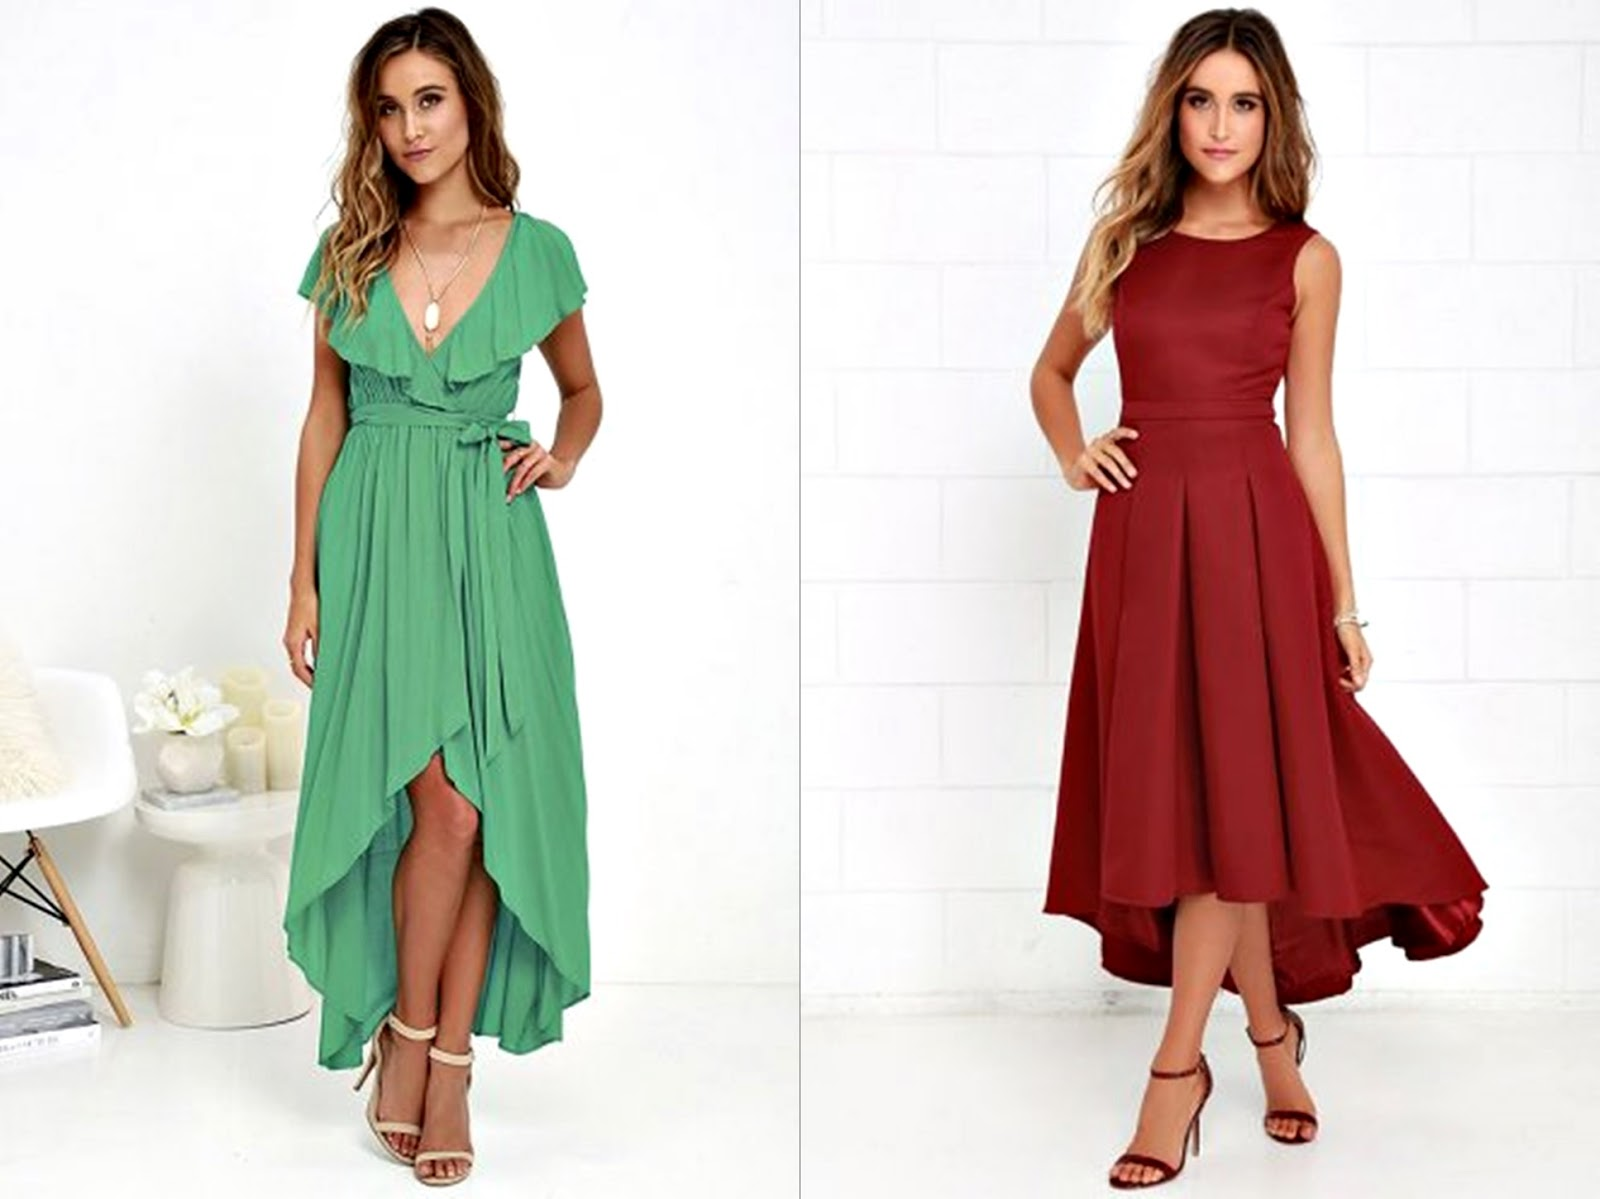 Какой фасон платья модный в 2017 году